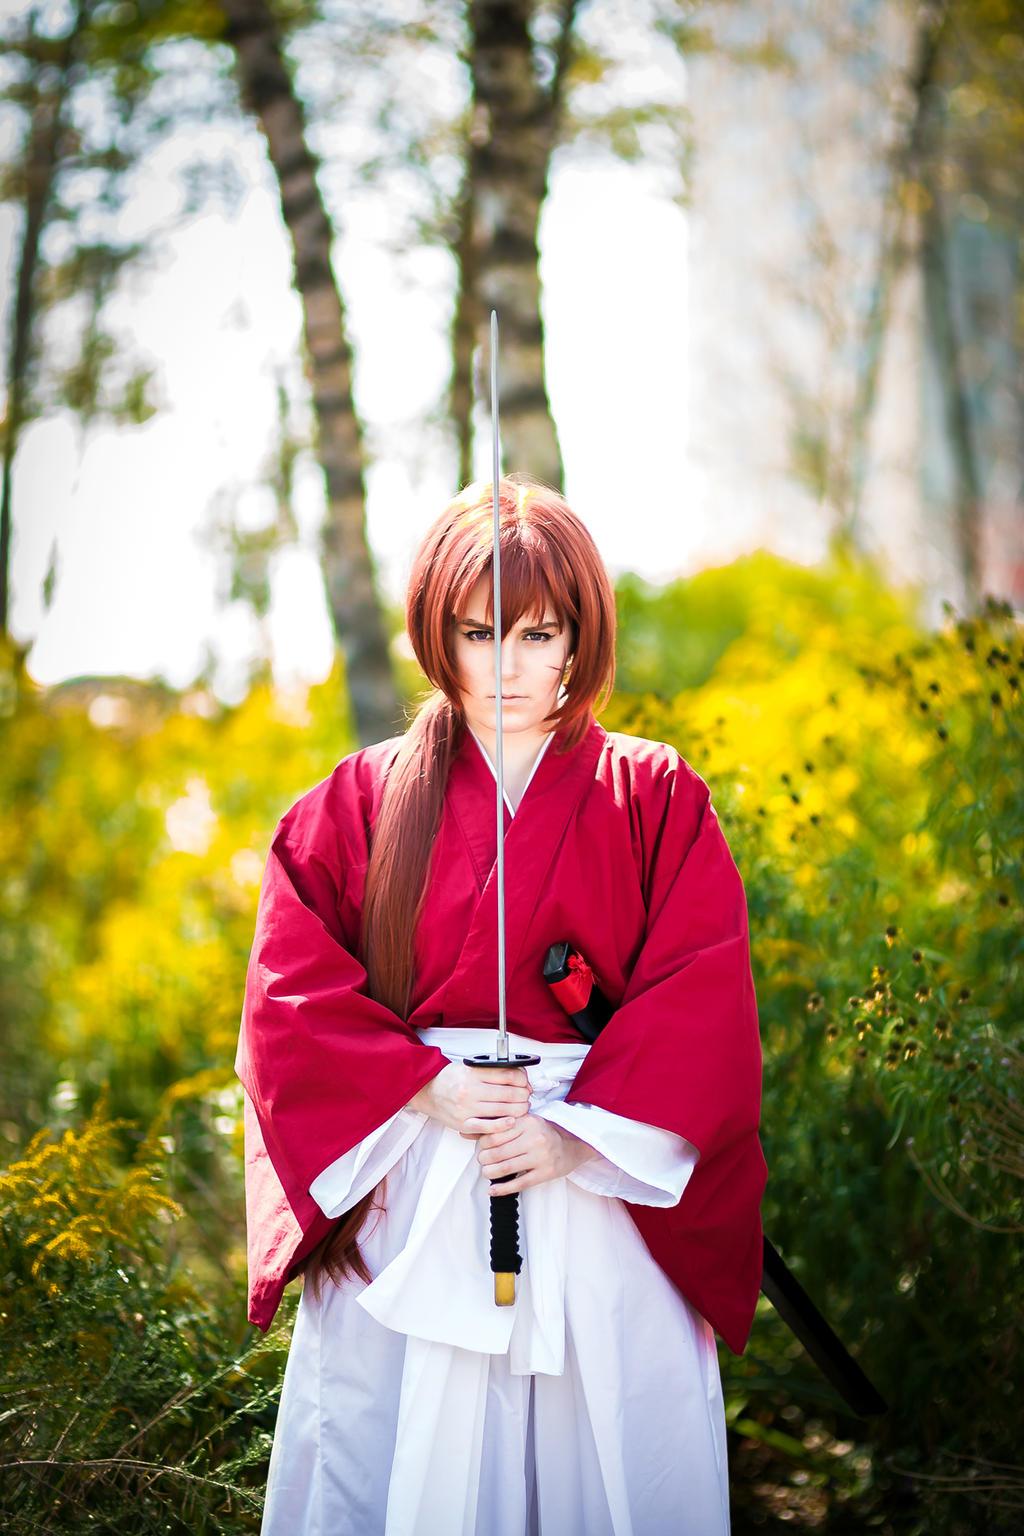 Kenshin Himura Cosplay - Samurai X - Courage by WorstWaifu